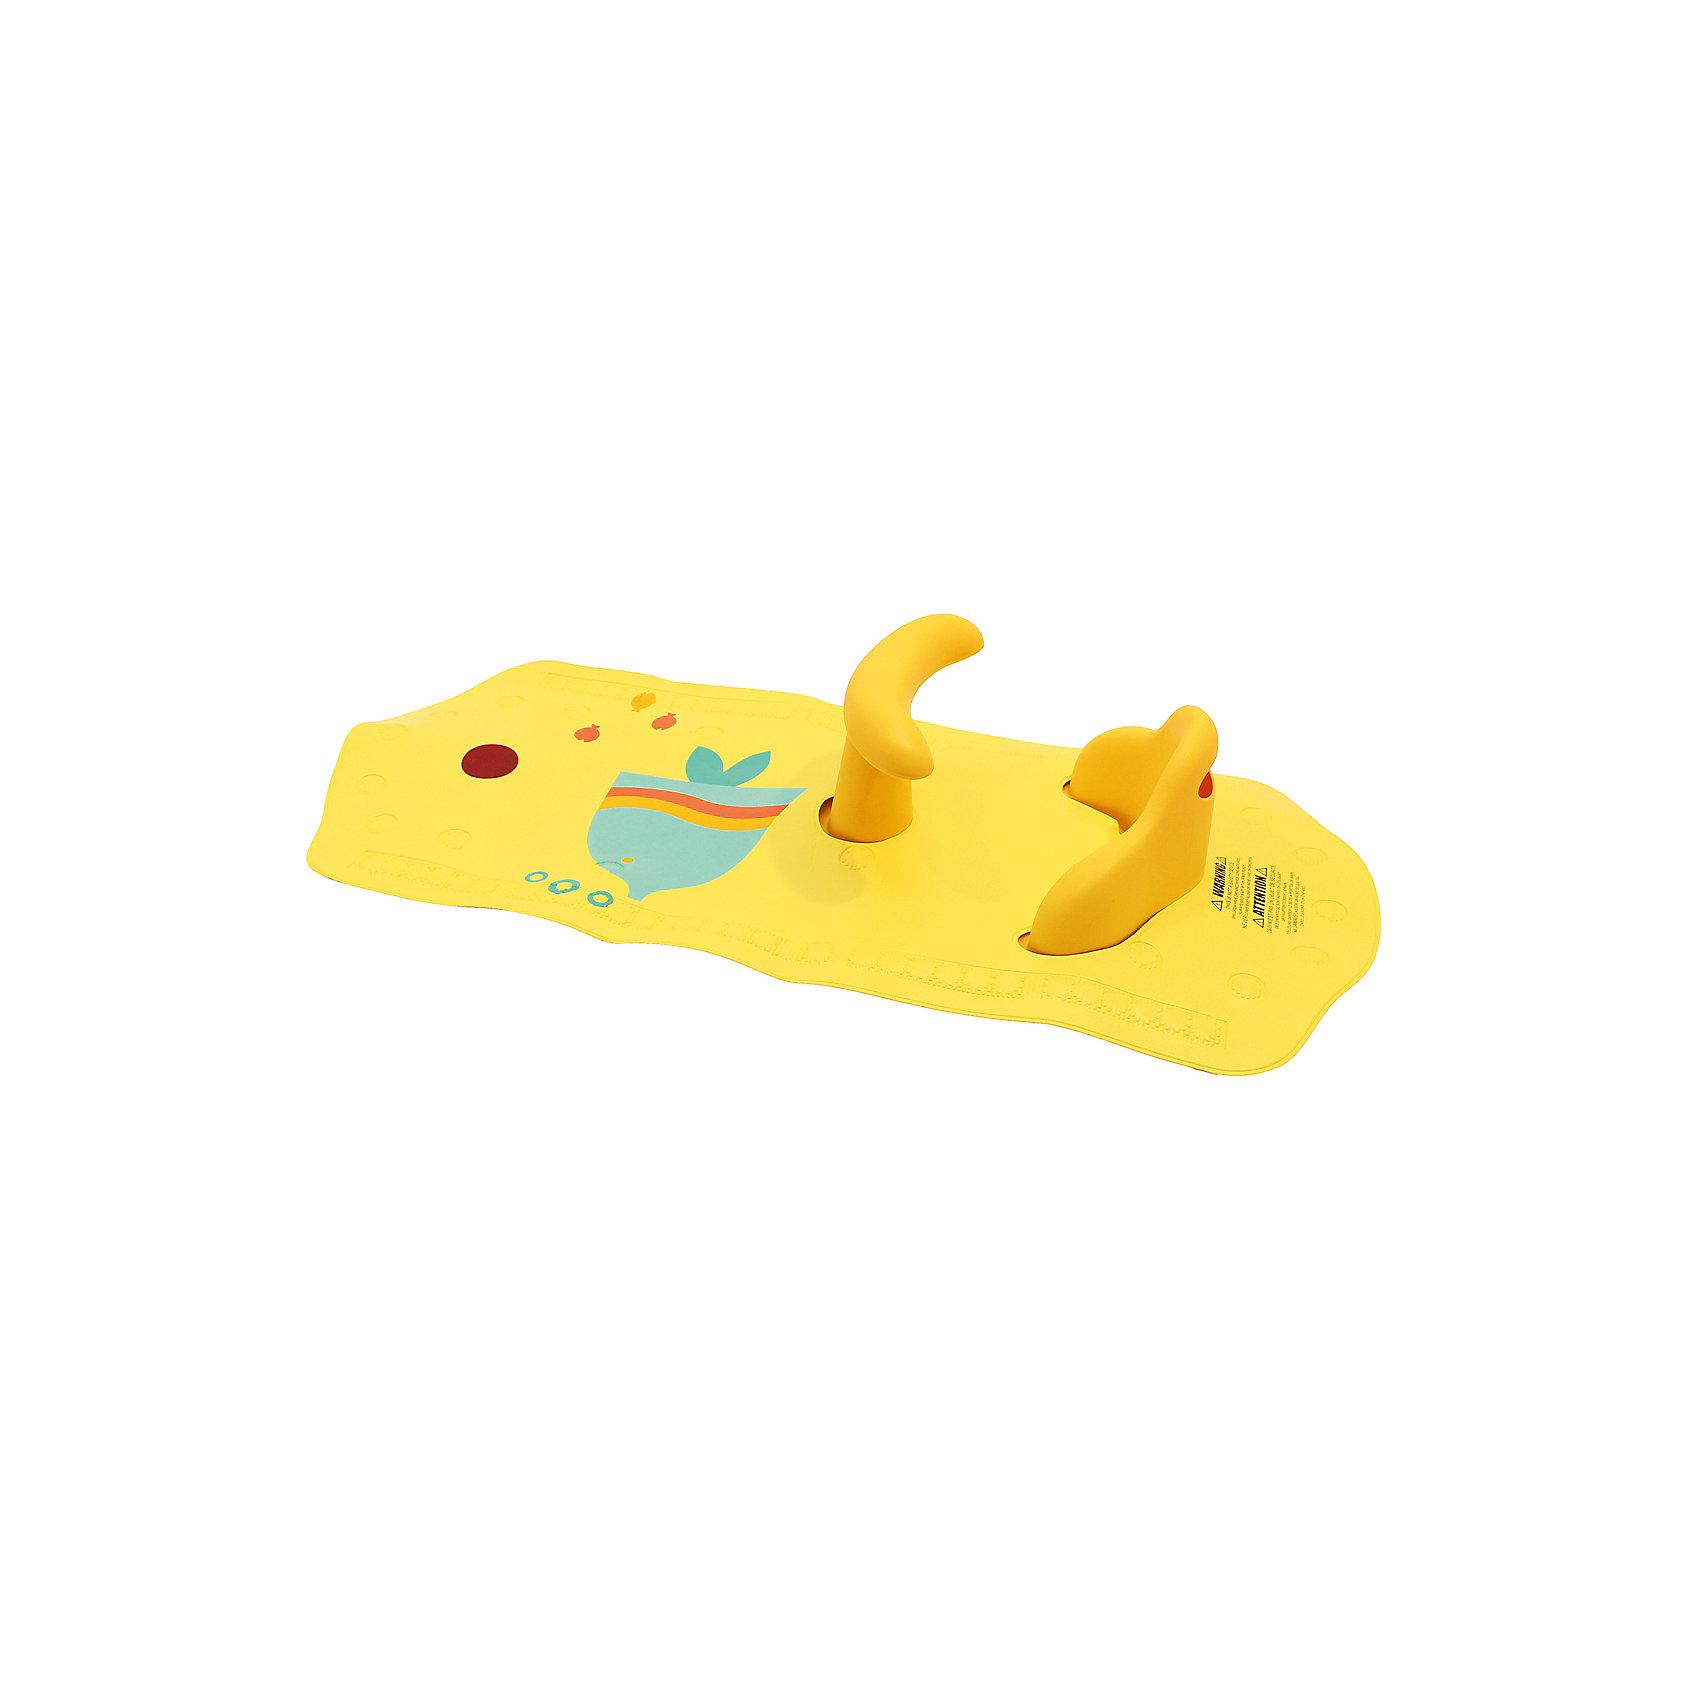 Roxy-Kids Коврик для ванной со съемным стульчиком ROXY-KIDS, Рыбка roxy kids круг музыкальный на шею для купания flipper цвет розовый